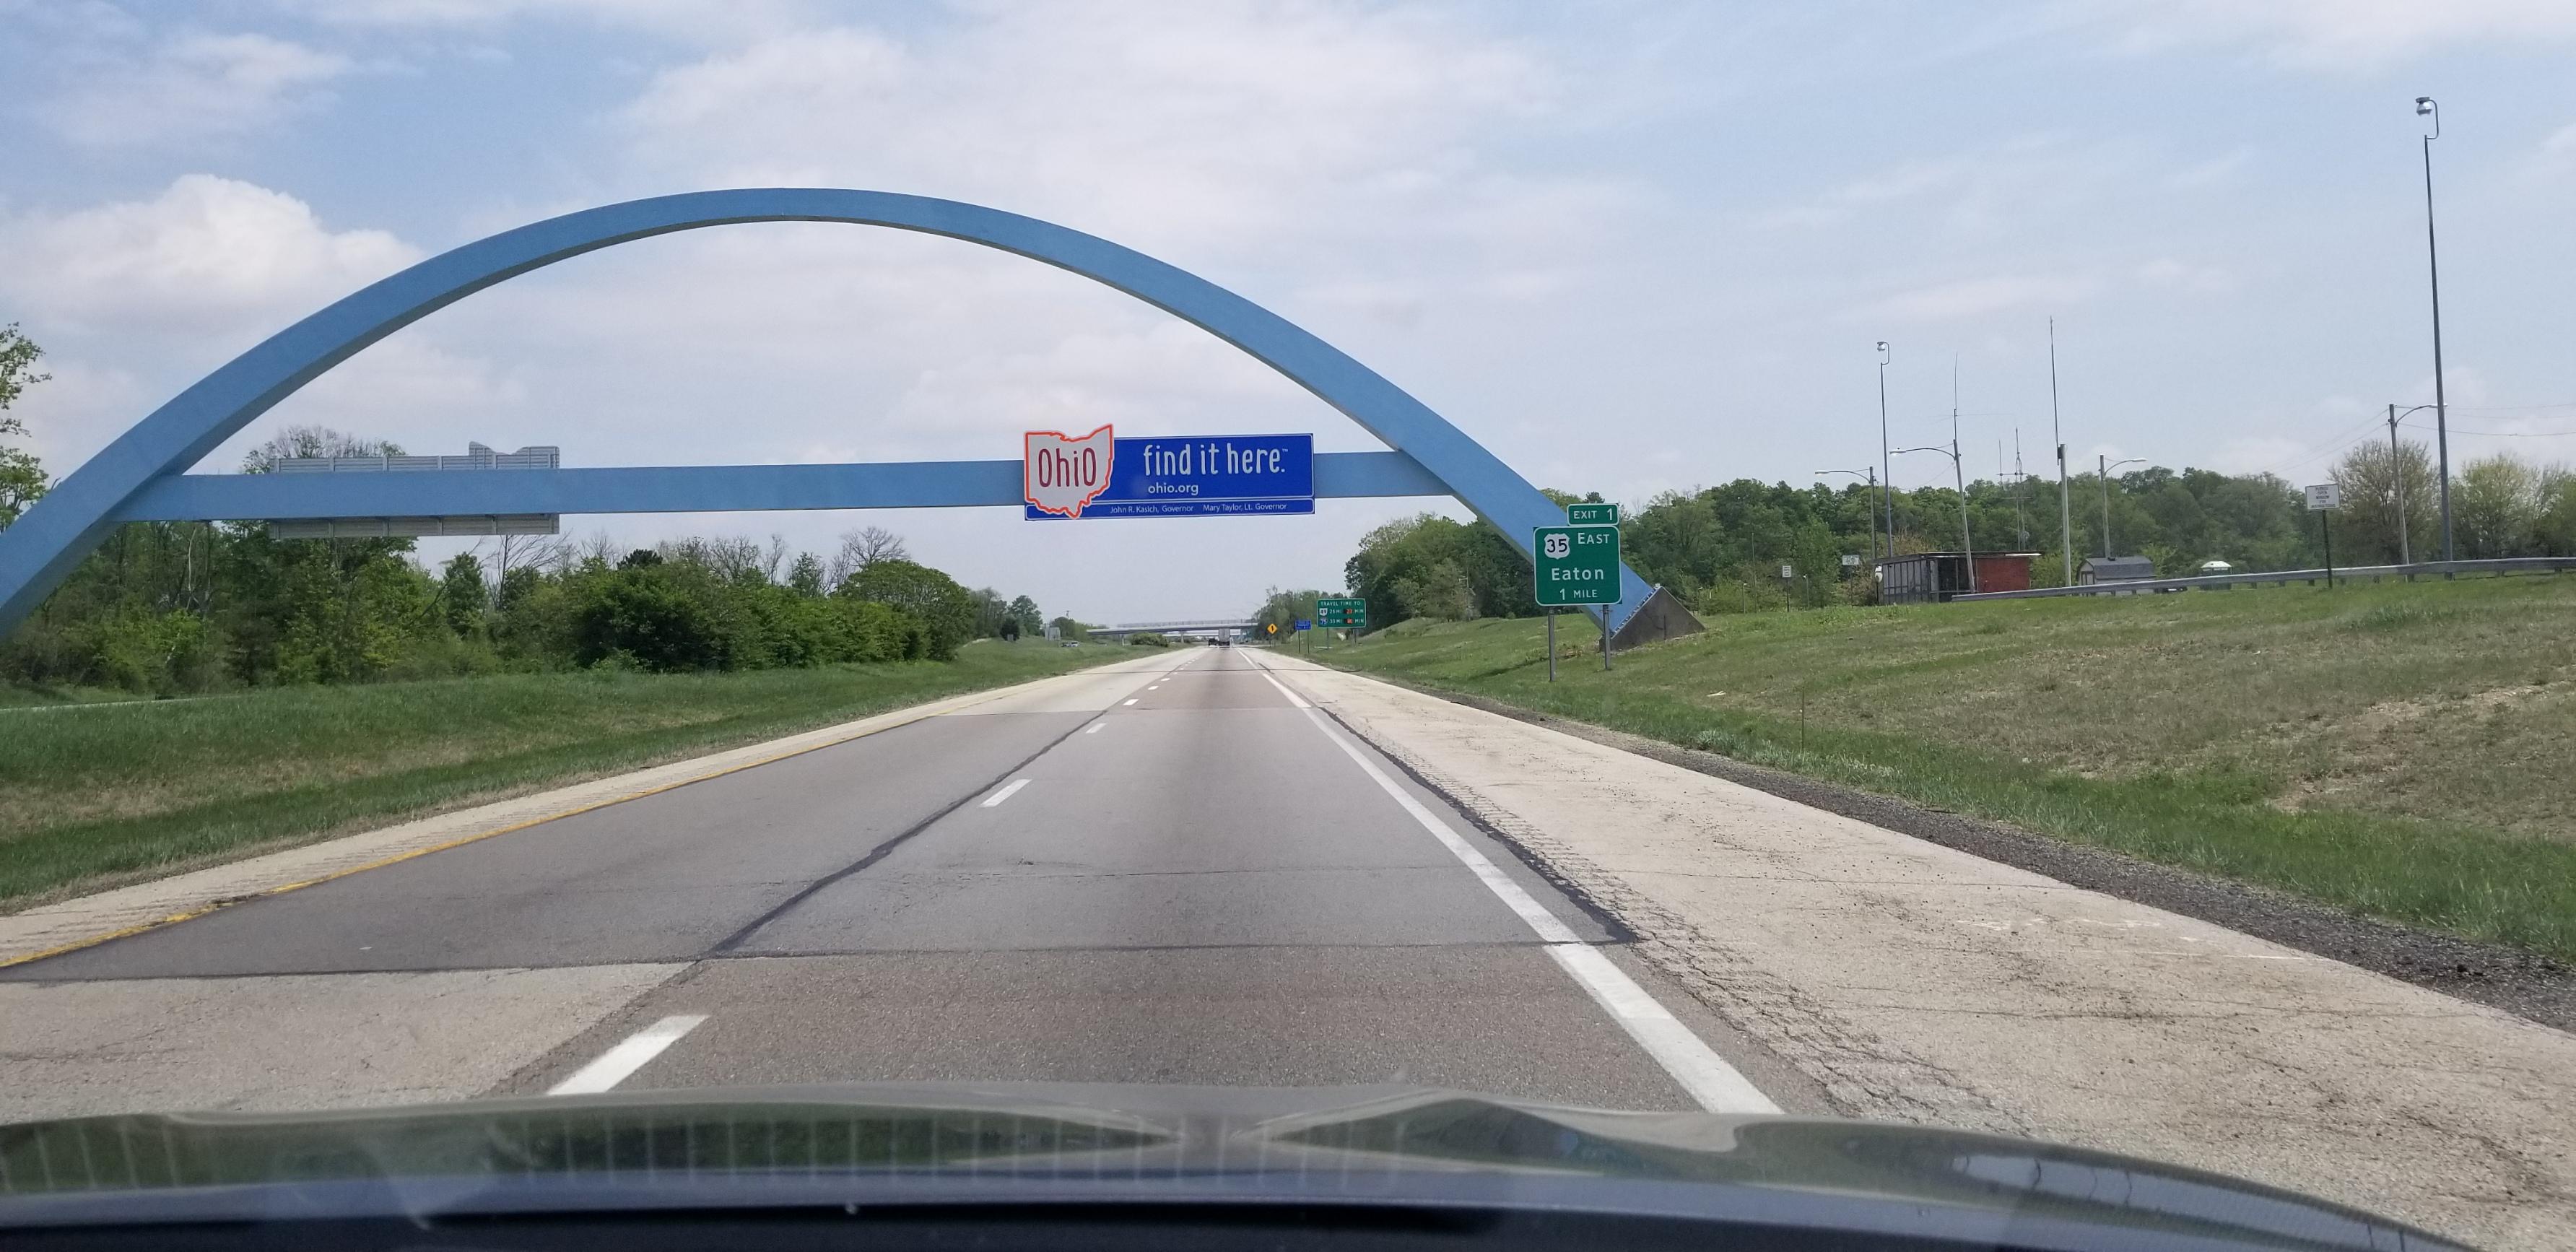 オハイオへ